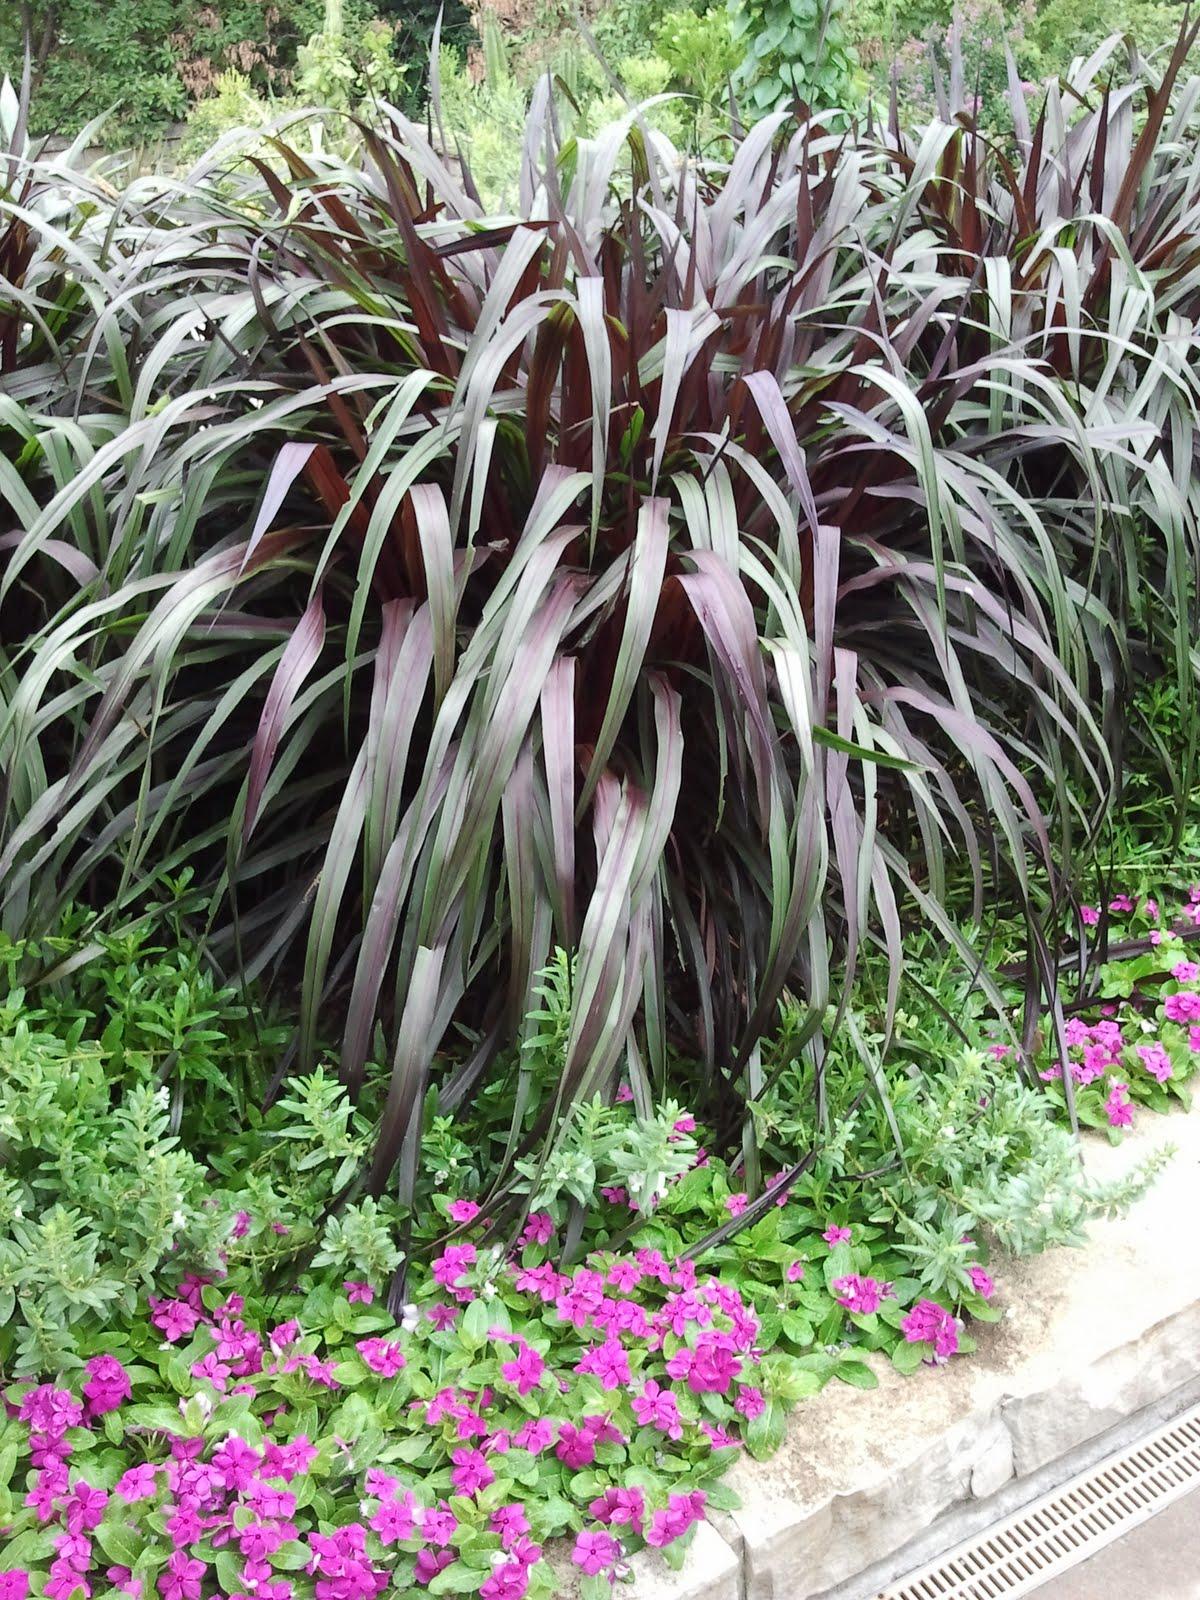 Powell gardens 39 blog august 2011 for Fountain grass garden